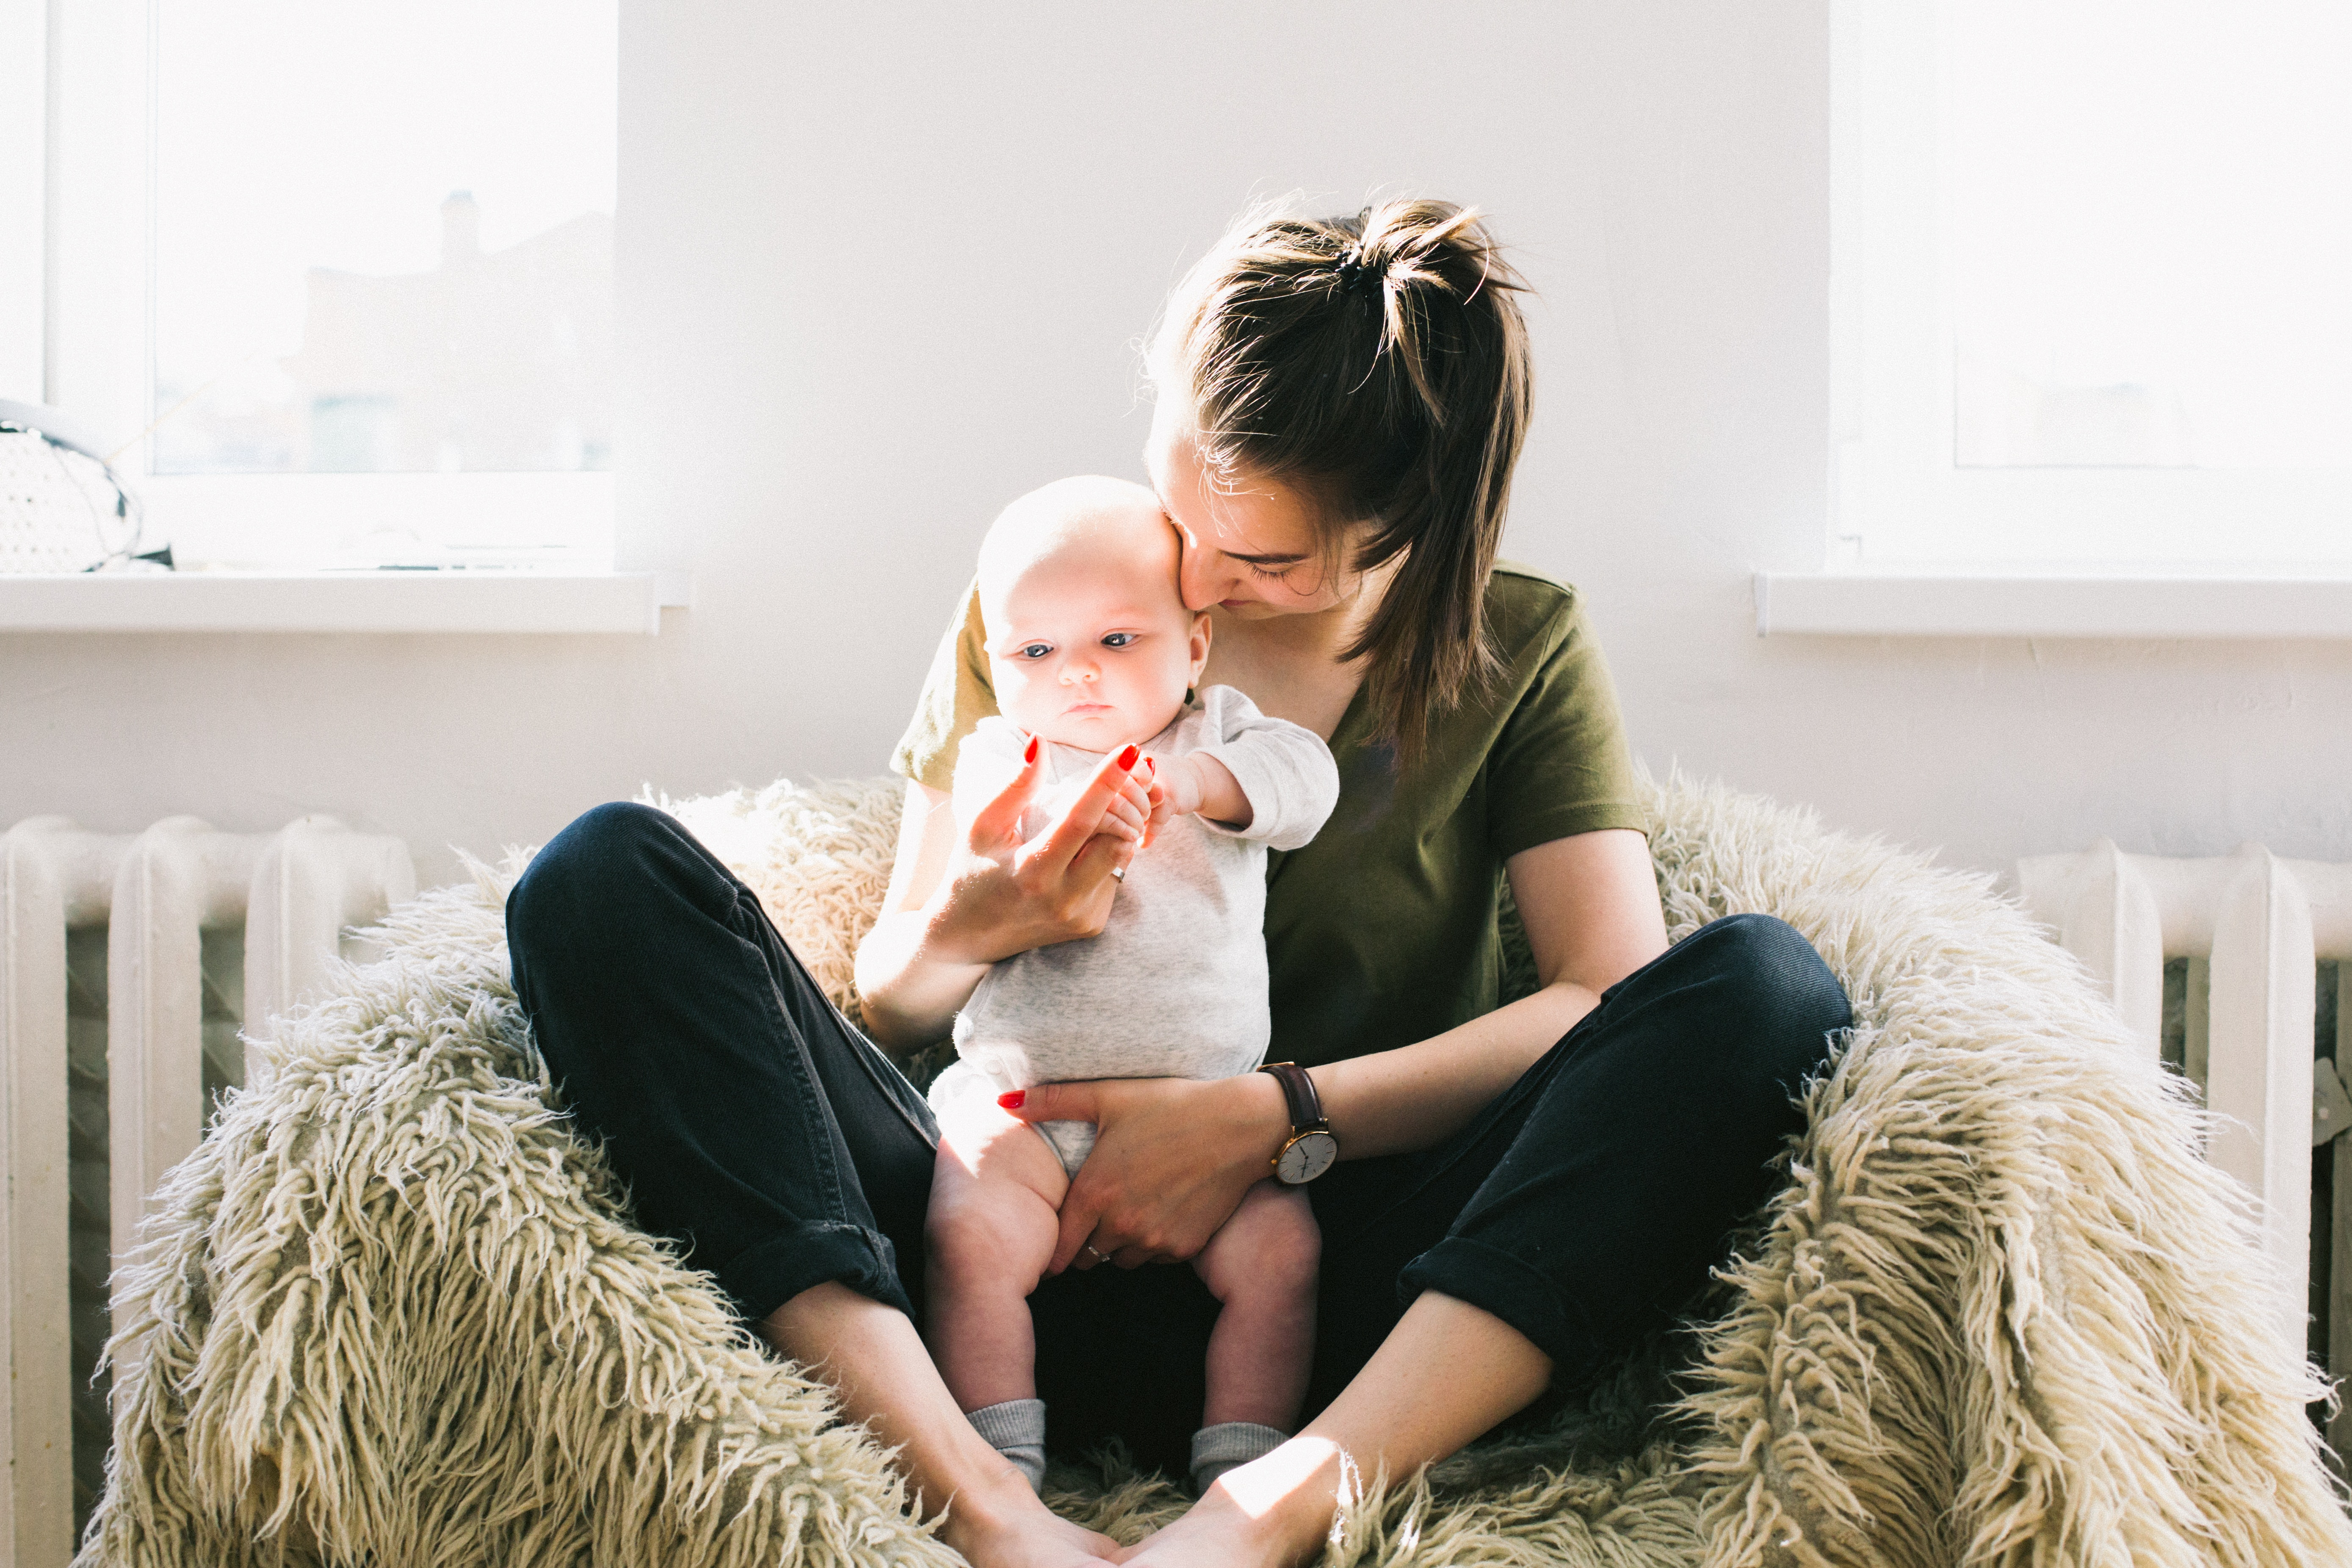 Conseillère en accessoires d'allaitement Un métier peu connu